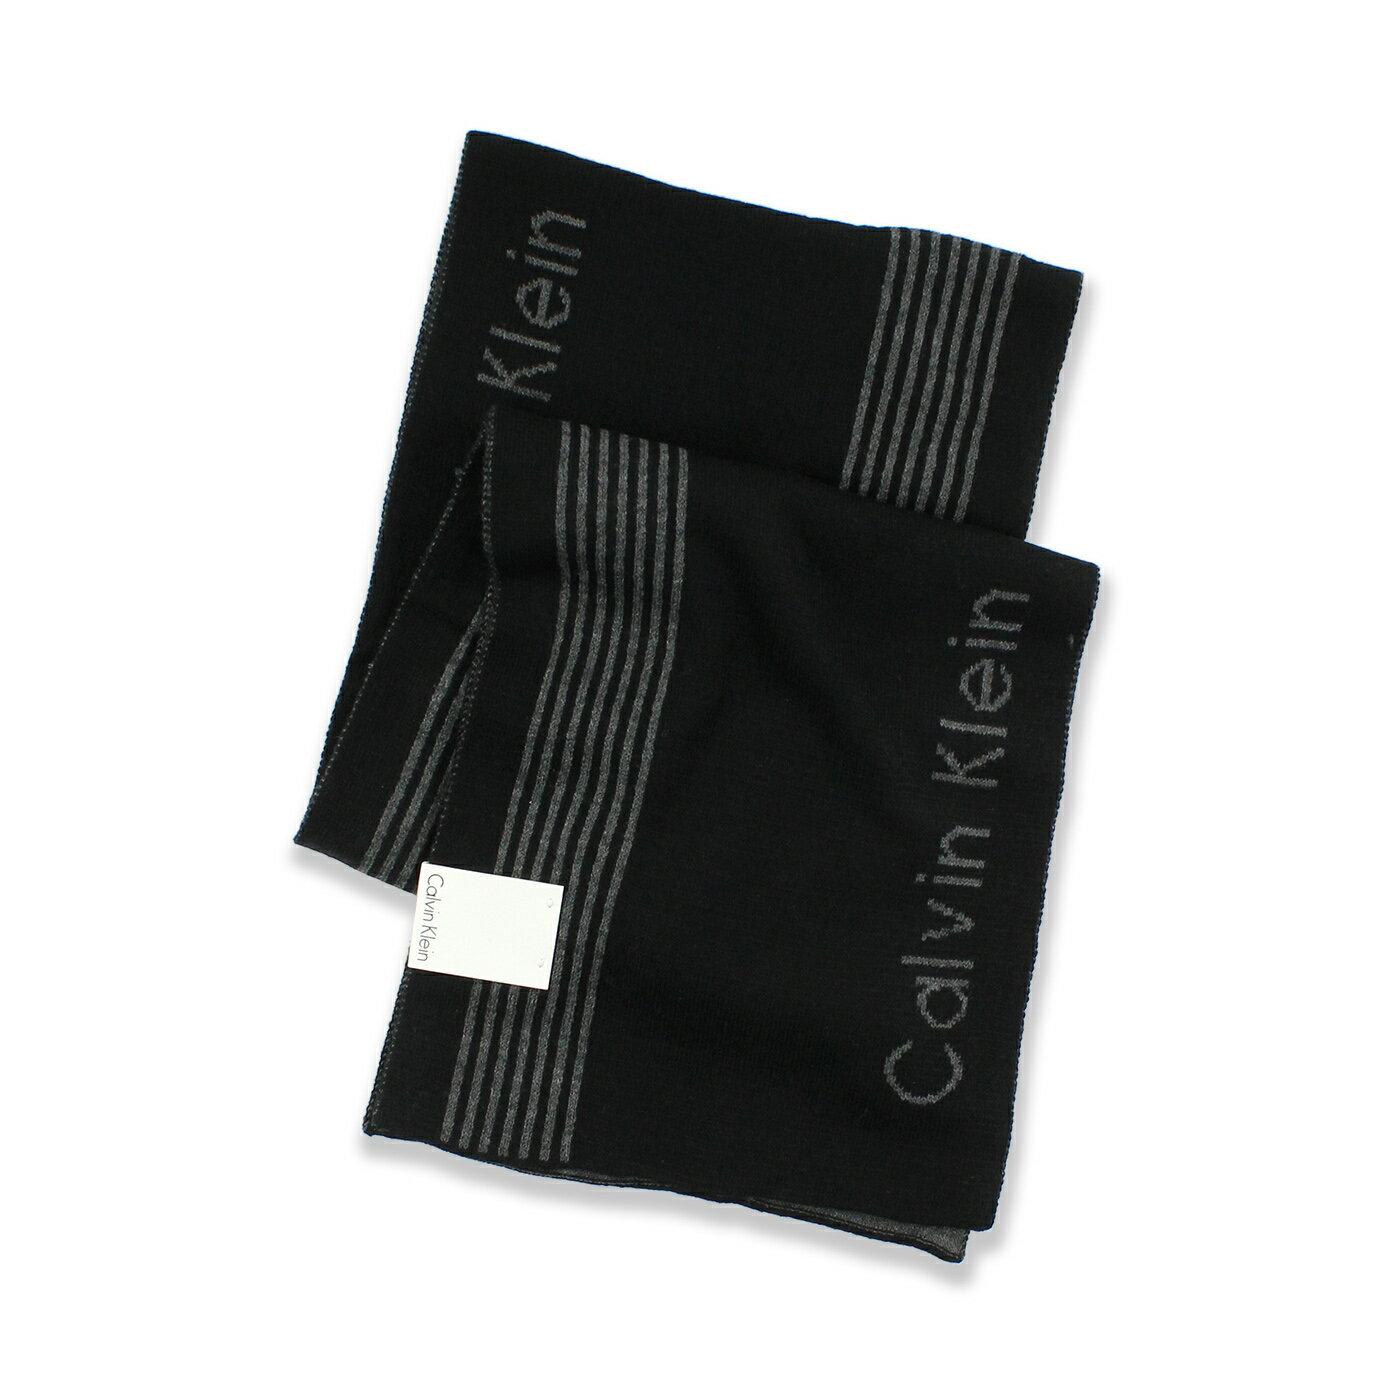 美國百分百【全新真品 】Calvin Klein 圍巾 CK 披肩 披巾 黑色 深灰 條紋 針織 雙面 男 女 F995